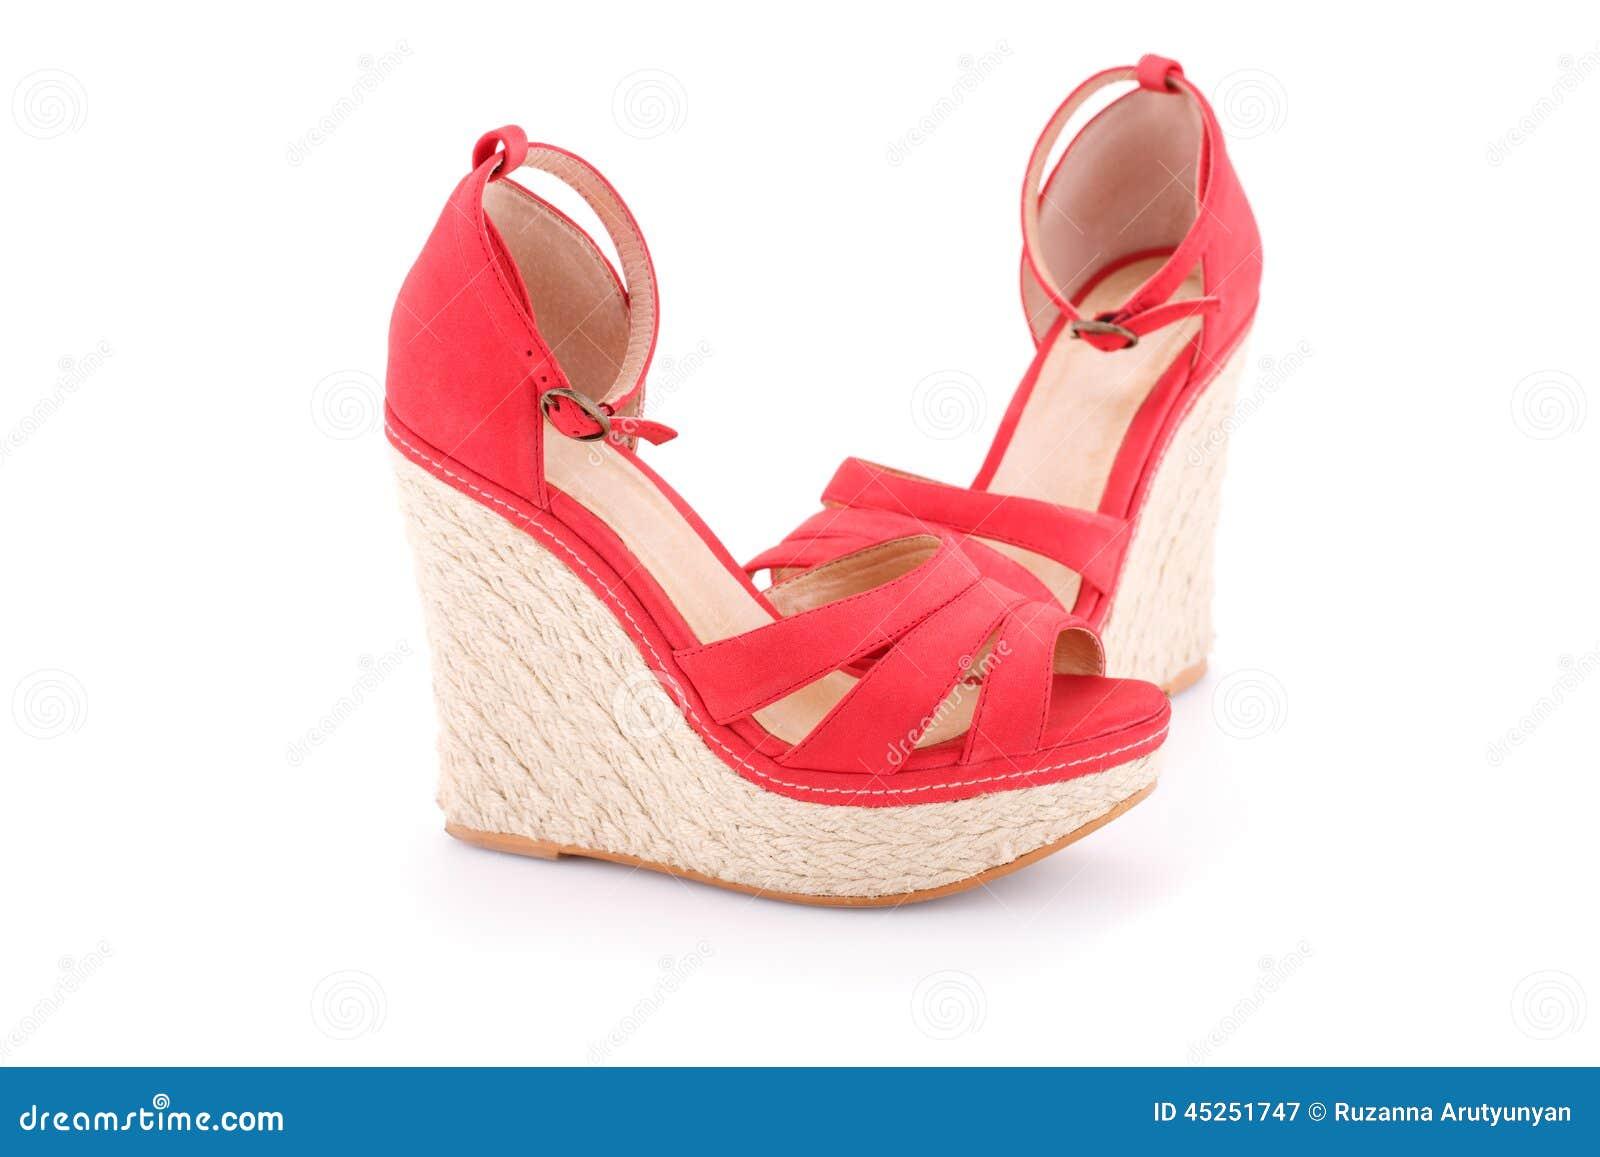 在白色背景隔绝的红色凉鞋.